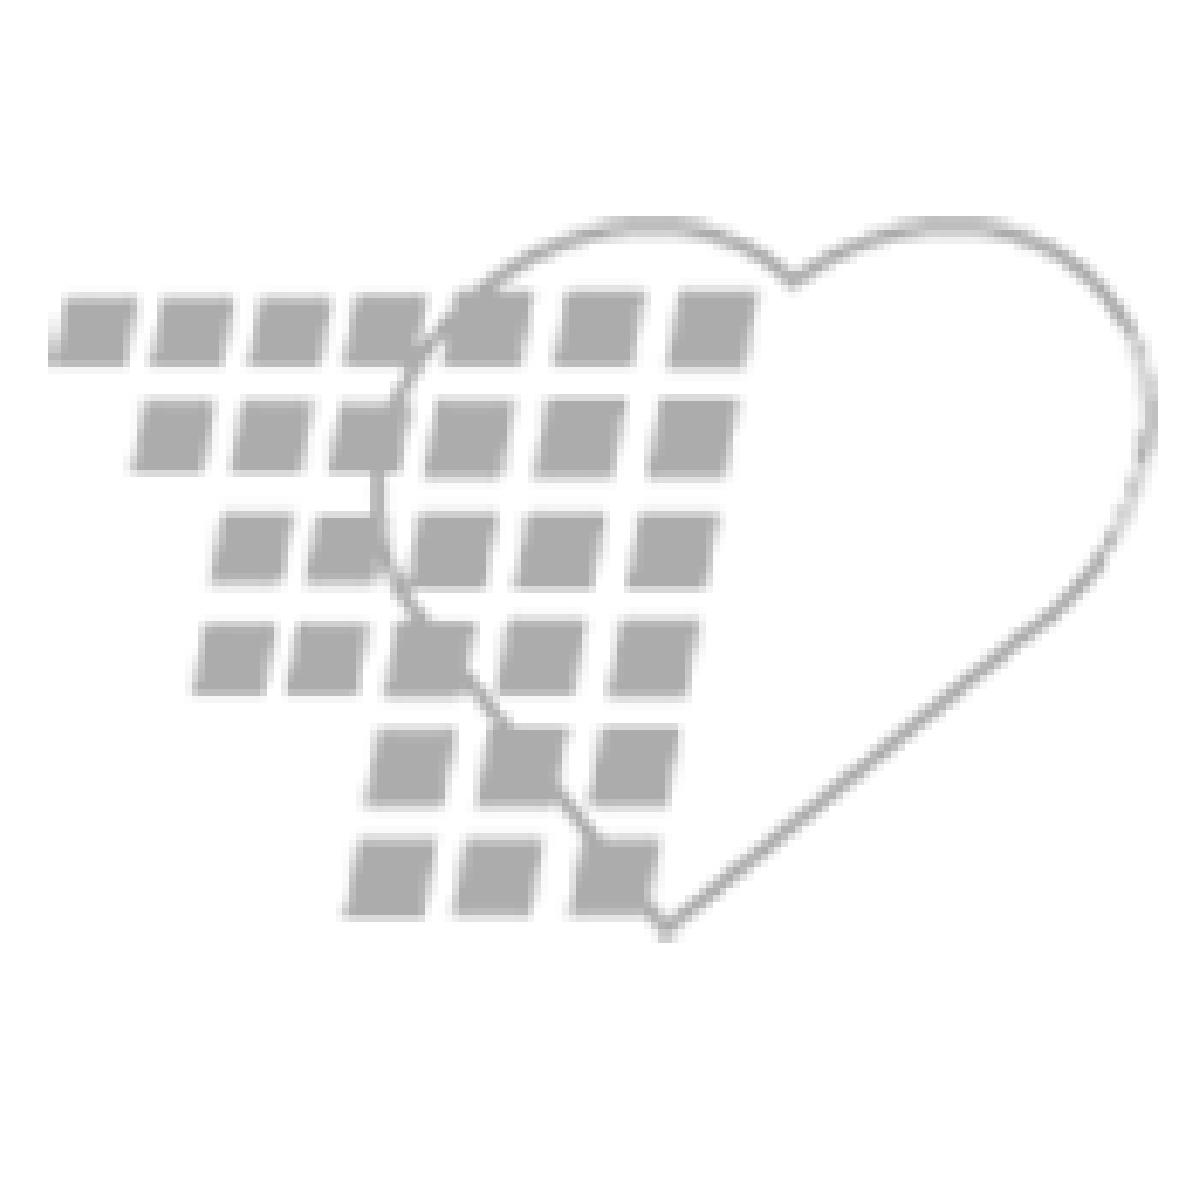 06-93-9007 - Demo Dose Cipro (Ciprofloxacn) 20 mL 10 mg/mL